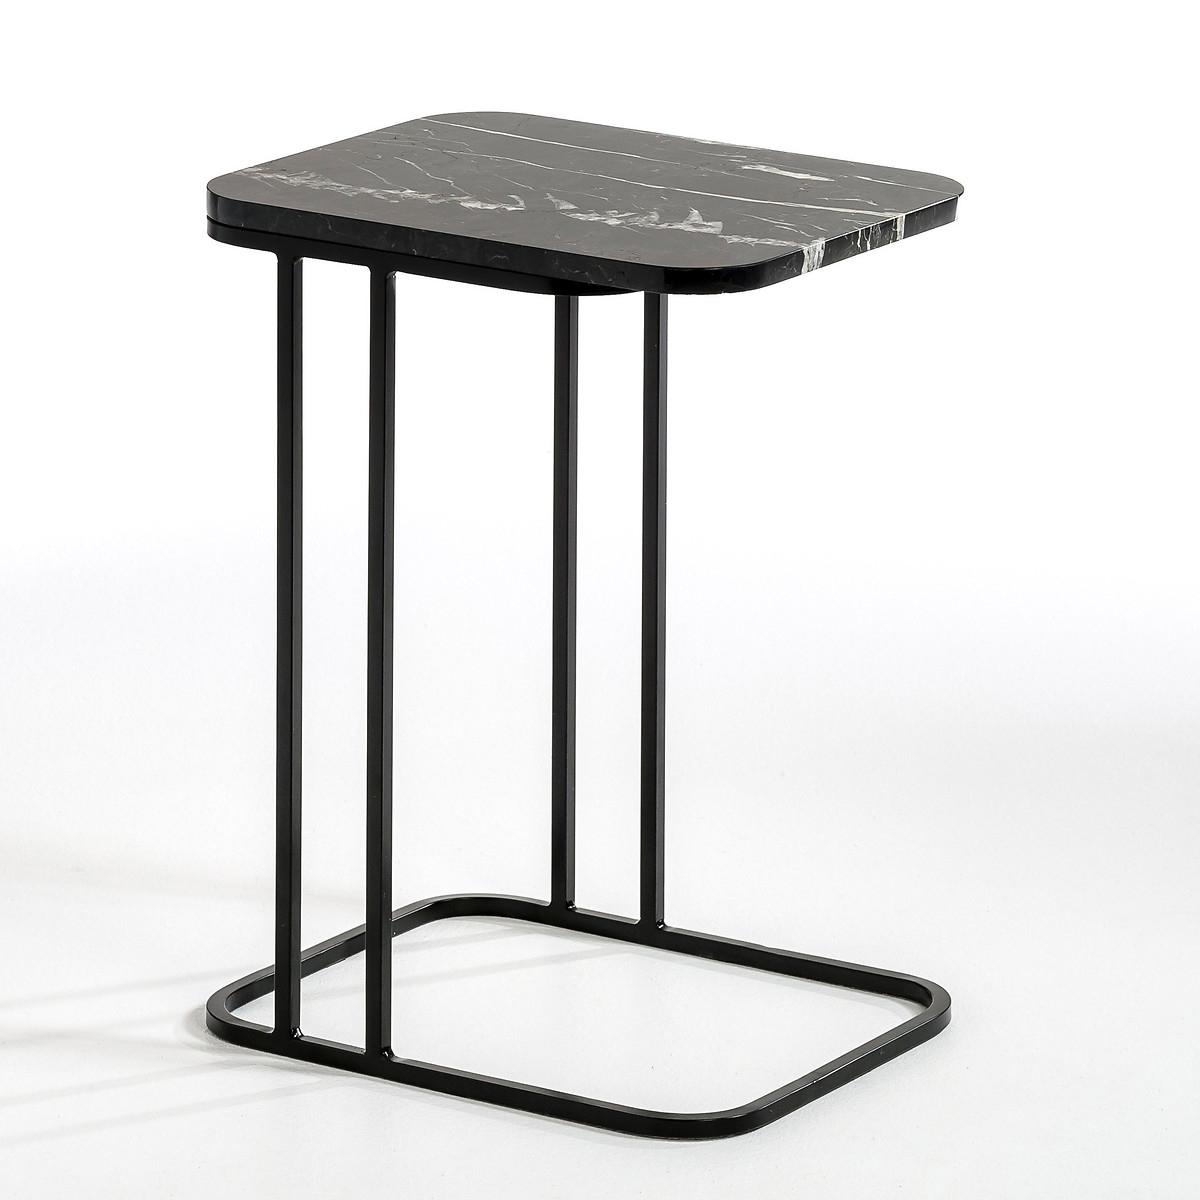 Столик LaRedoute Журнальный Trebor дизайн Э Галлины единый размер черный